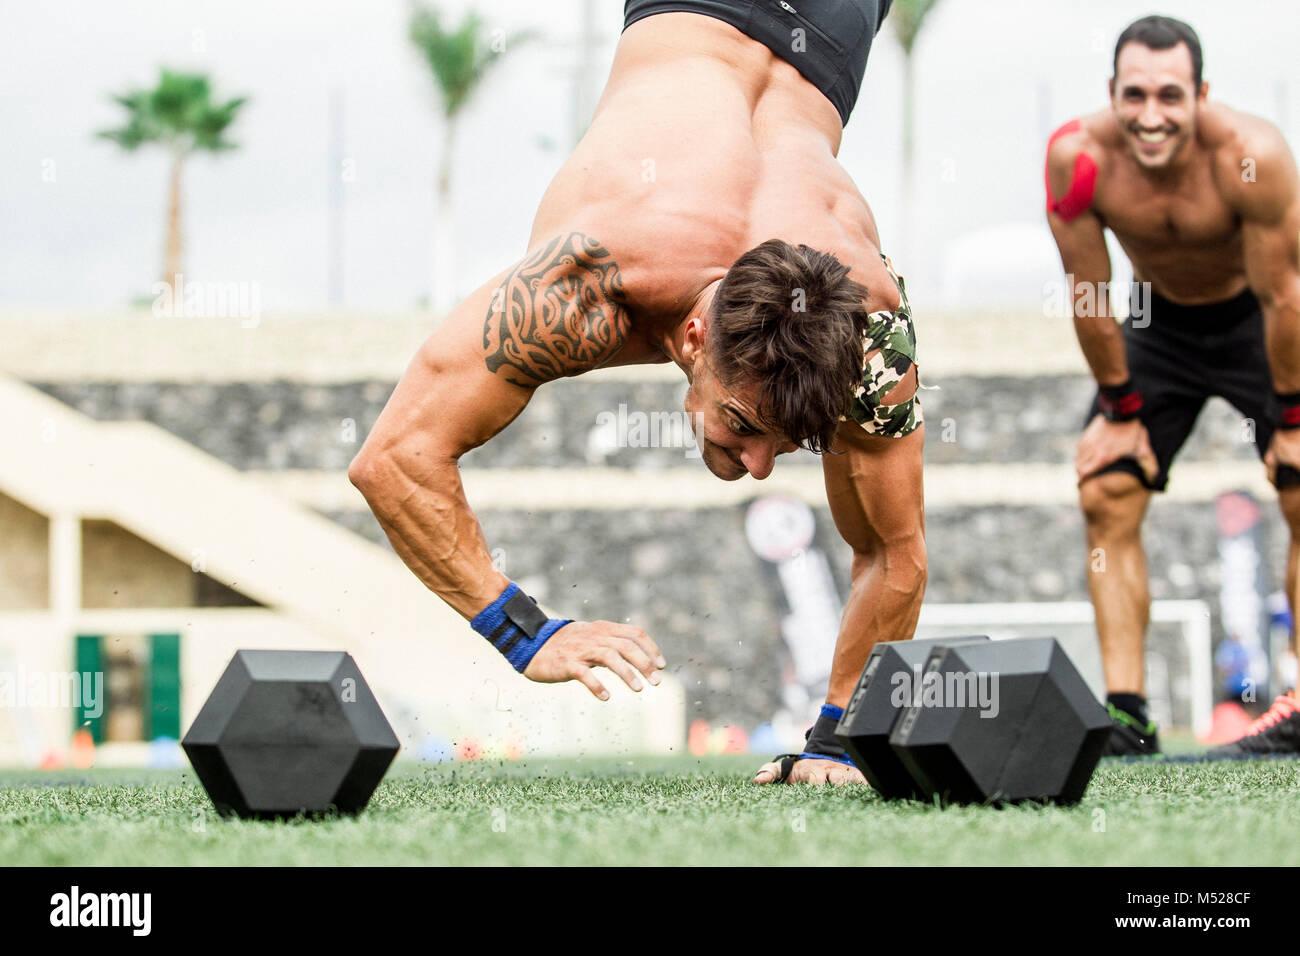 Mann macht Handstand während crossfit Wettbewerb, Teneriffa, Kanarische Inseln, Spanien Stockbild